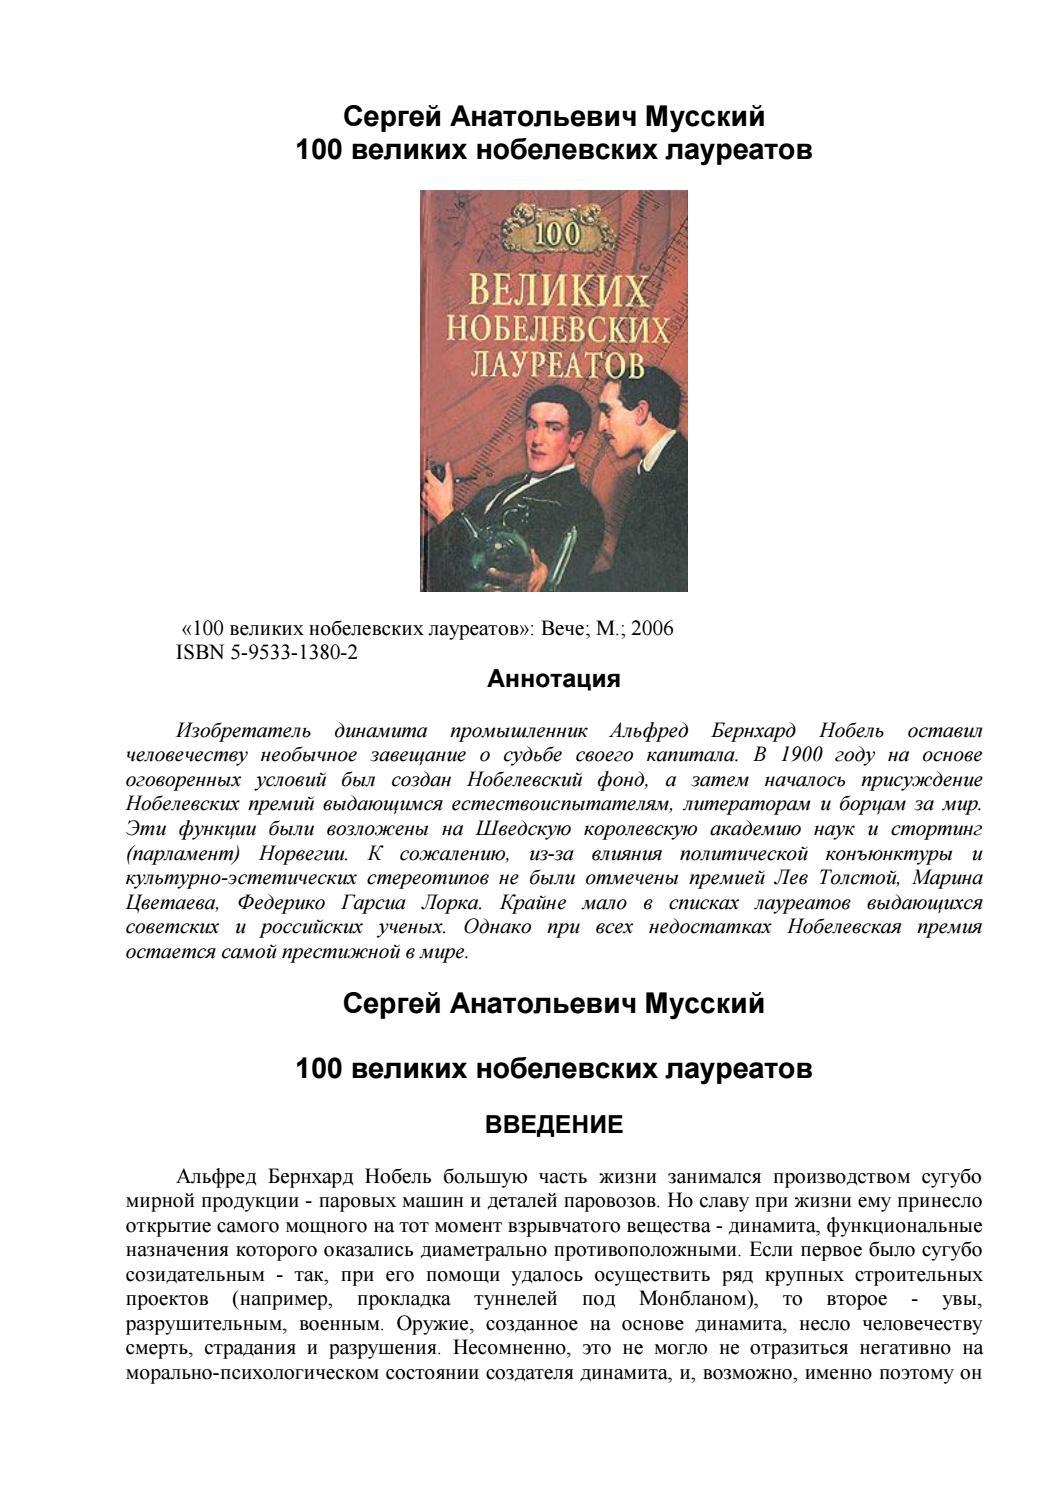 Многофункциональный миграционный центр город москвы узнат готова патент